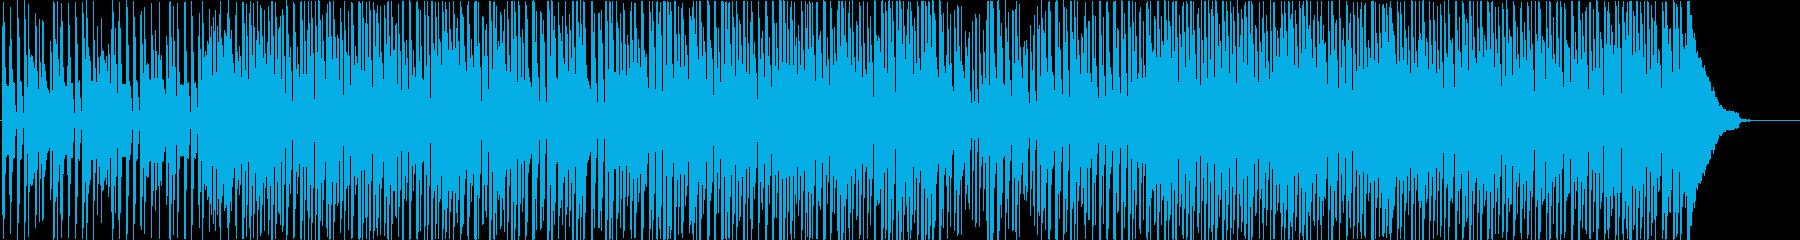 ほのぼの元気なBGMの再生済みの波形